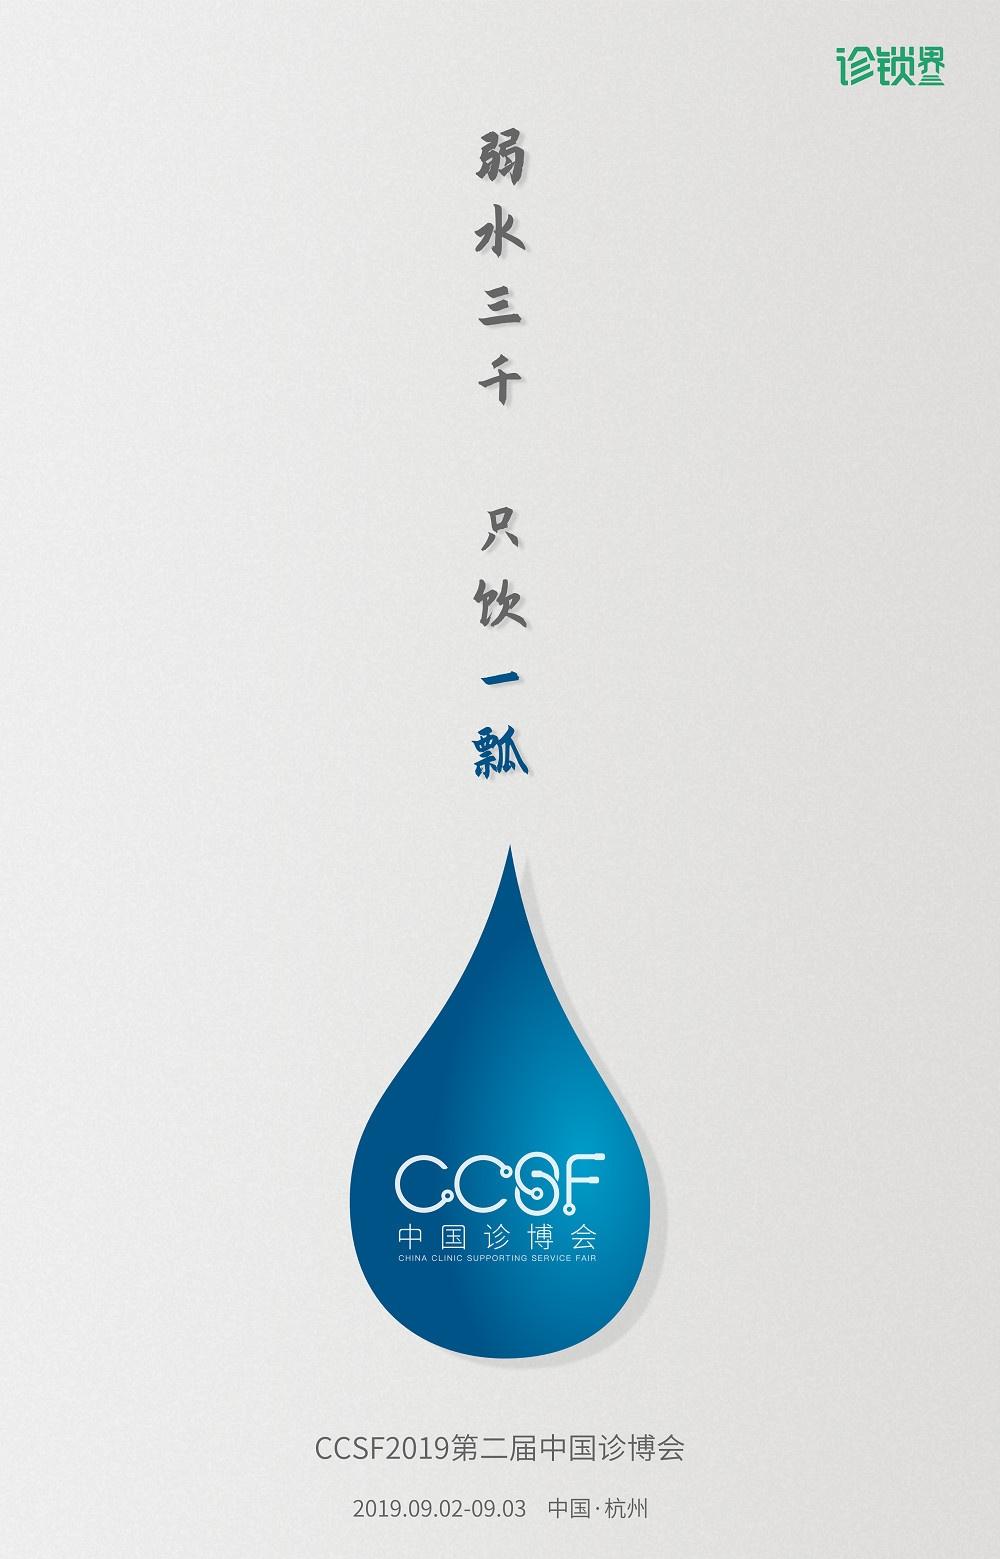 一瓢丨CCSF2019第二屆中國診博會主題發布!